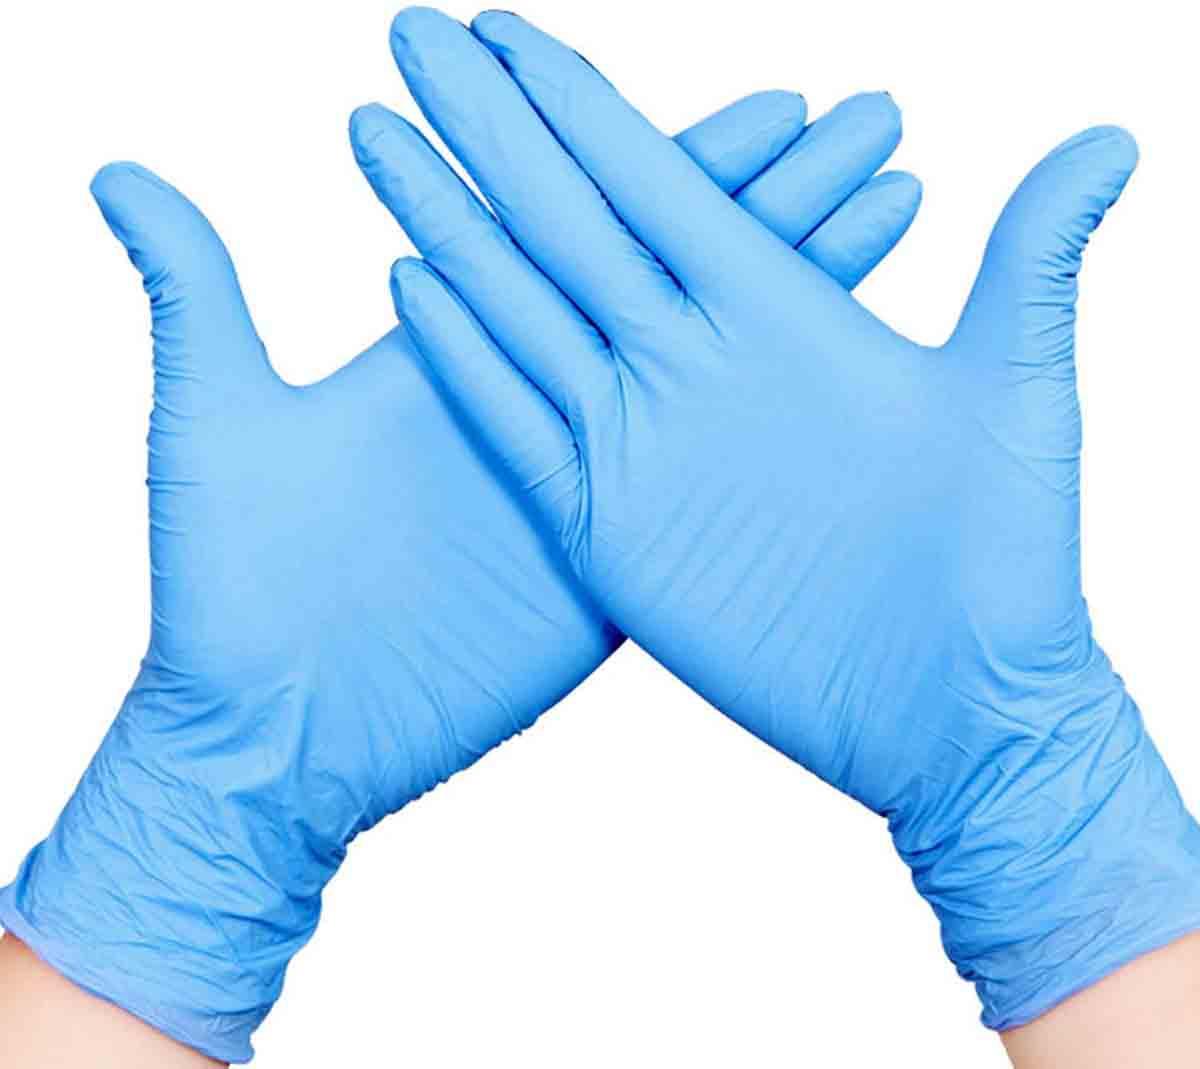 guantes de nitrilo comprar online